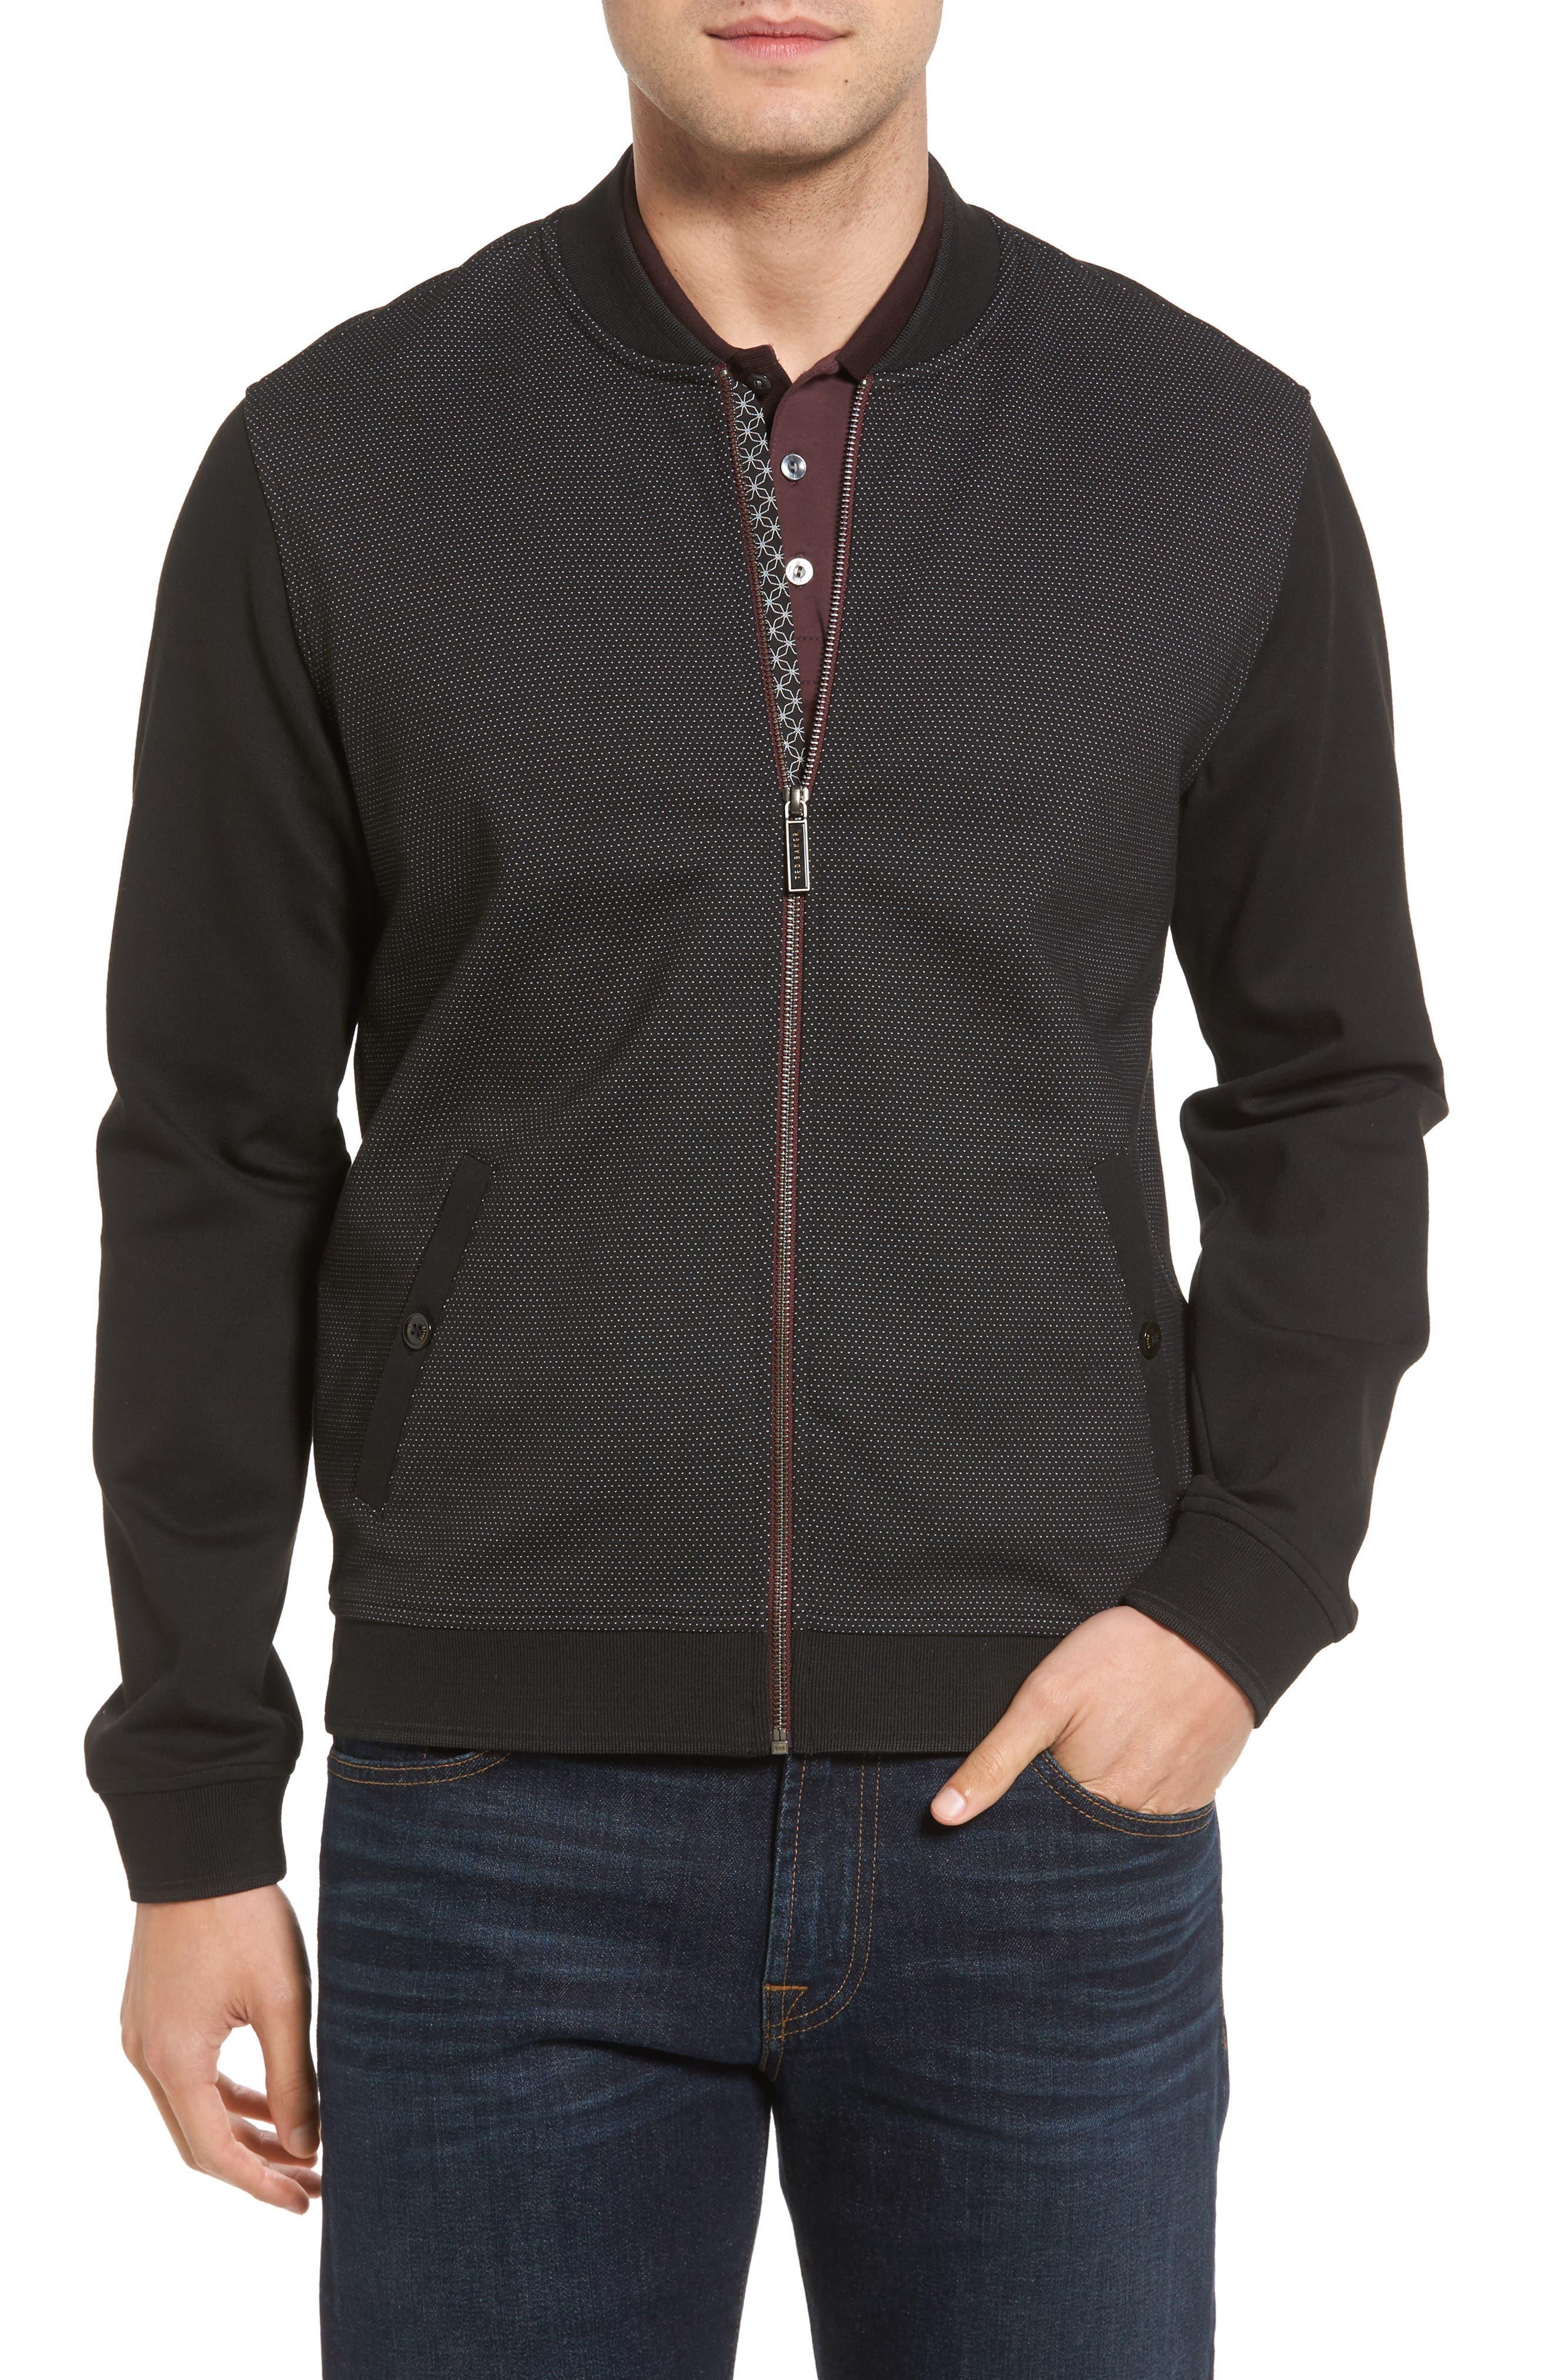 Badford Baseball Jacket,                         Main,                         color, Black